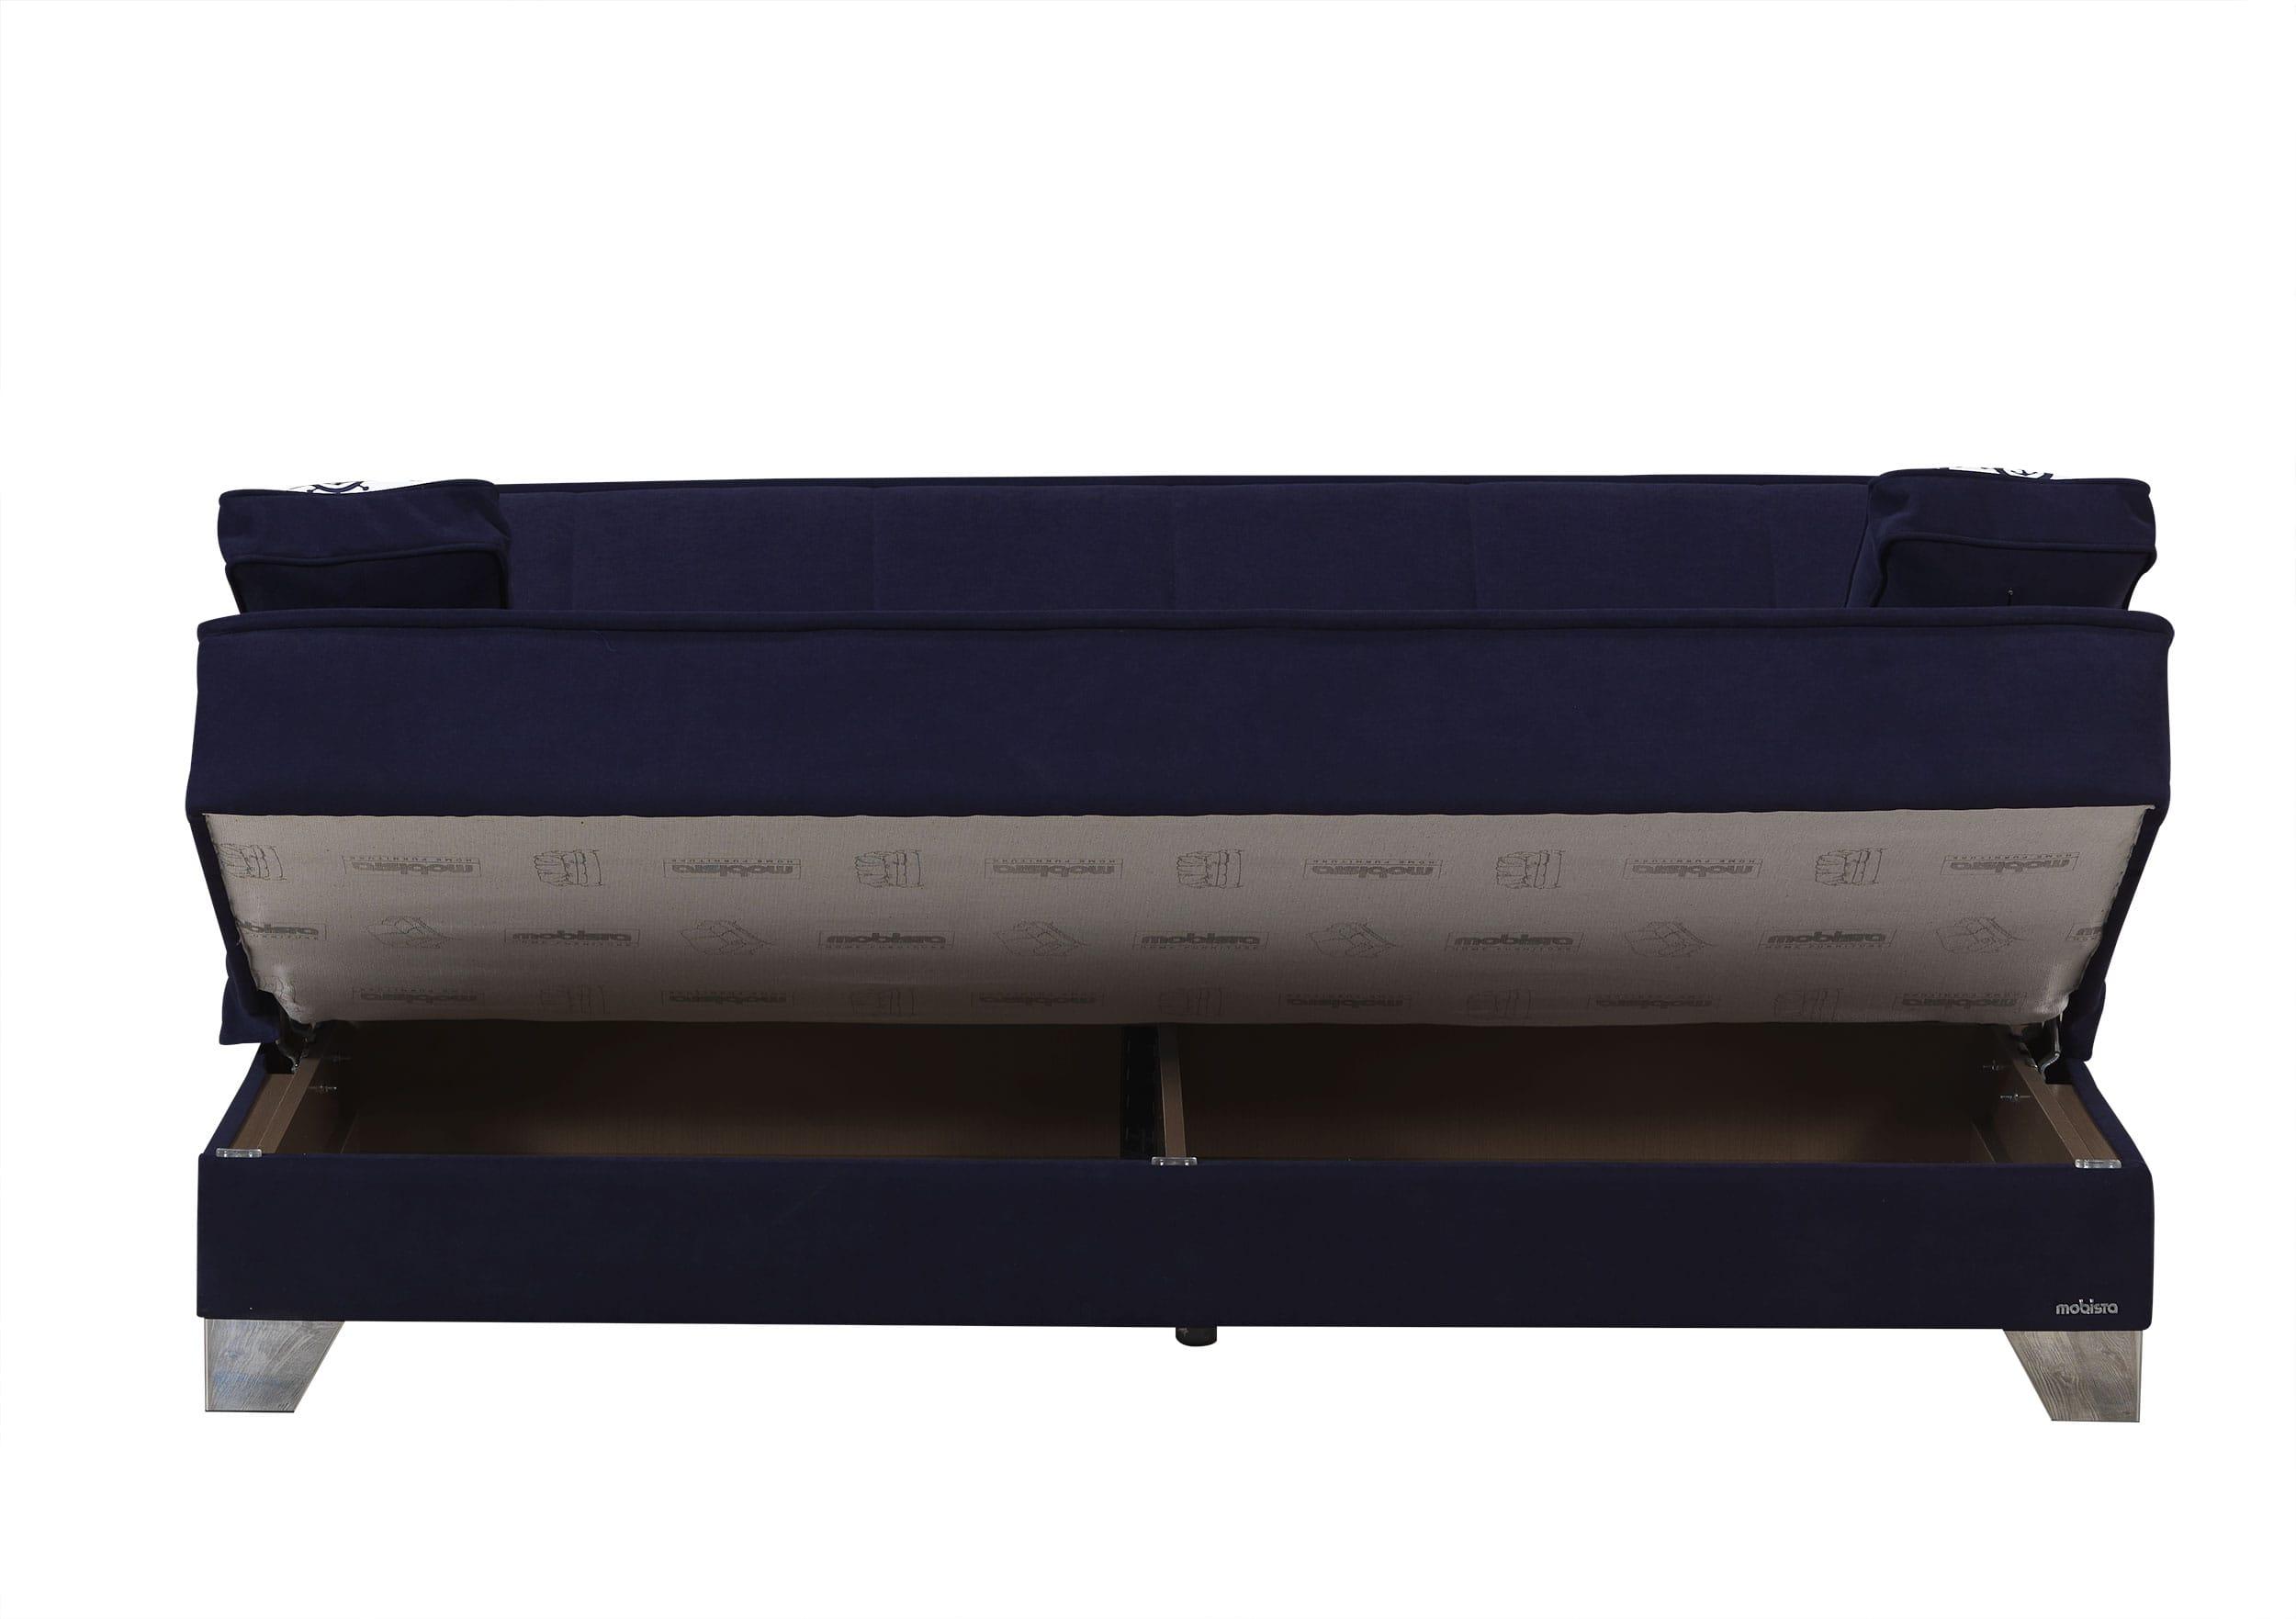 Nexo Carisma Navy Blue Sofa Bed by Mobista